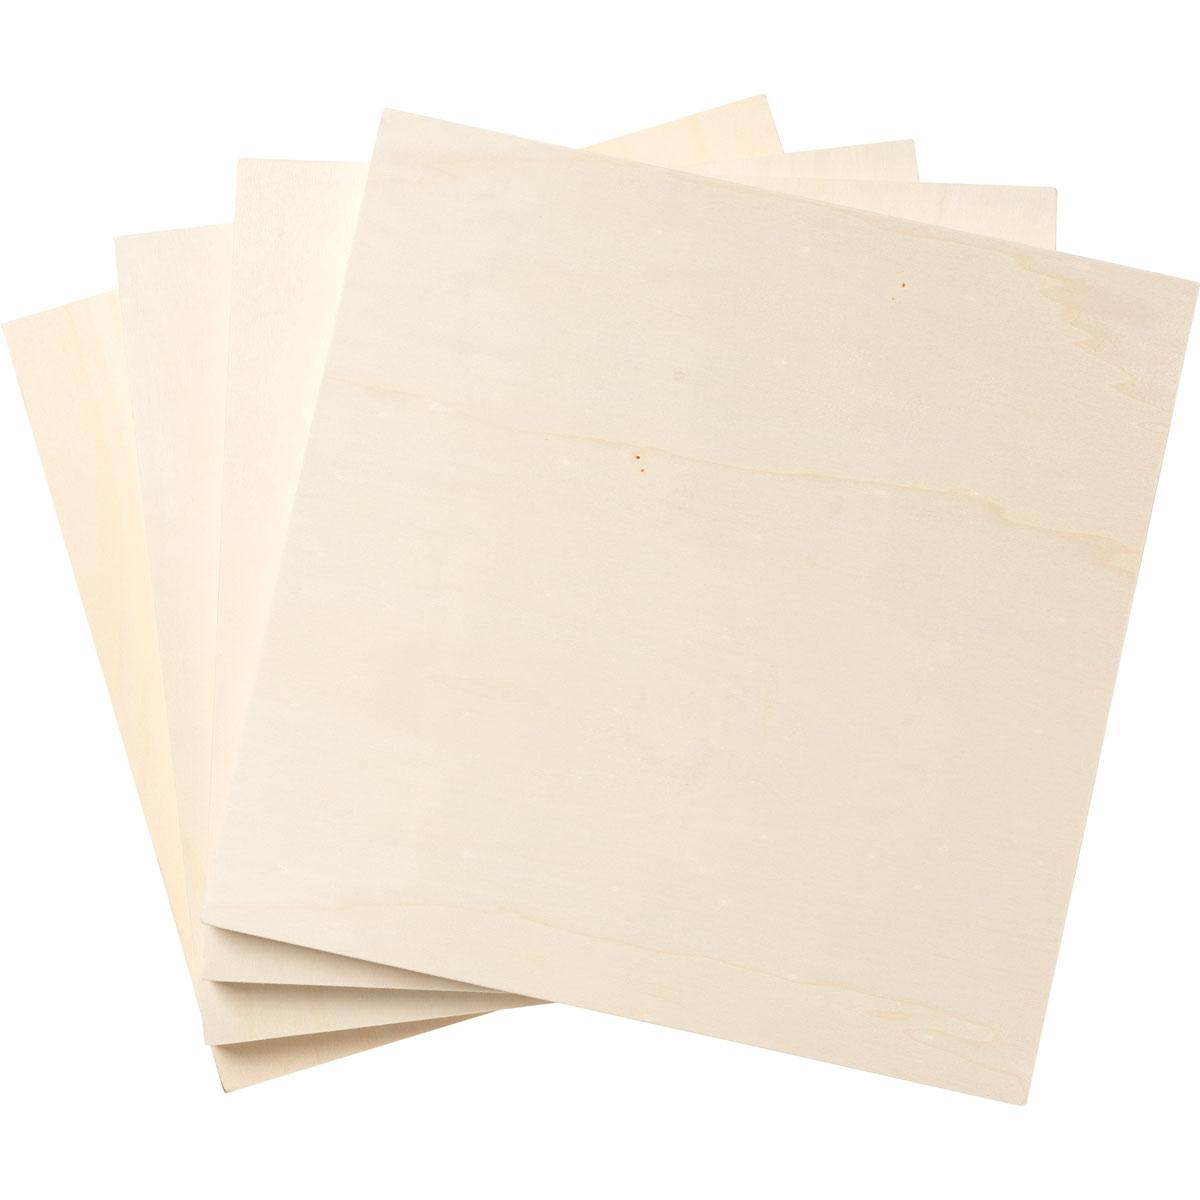 Plaid ® Wood Surfaces - Plywood Panel Bundle, 4 pieces, 10